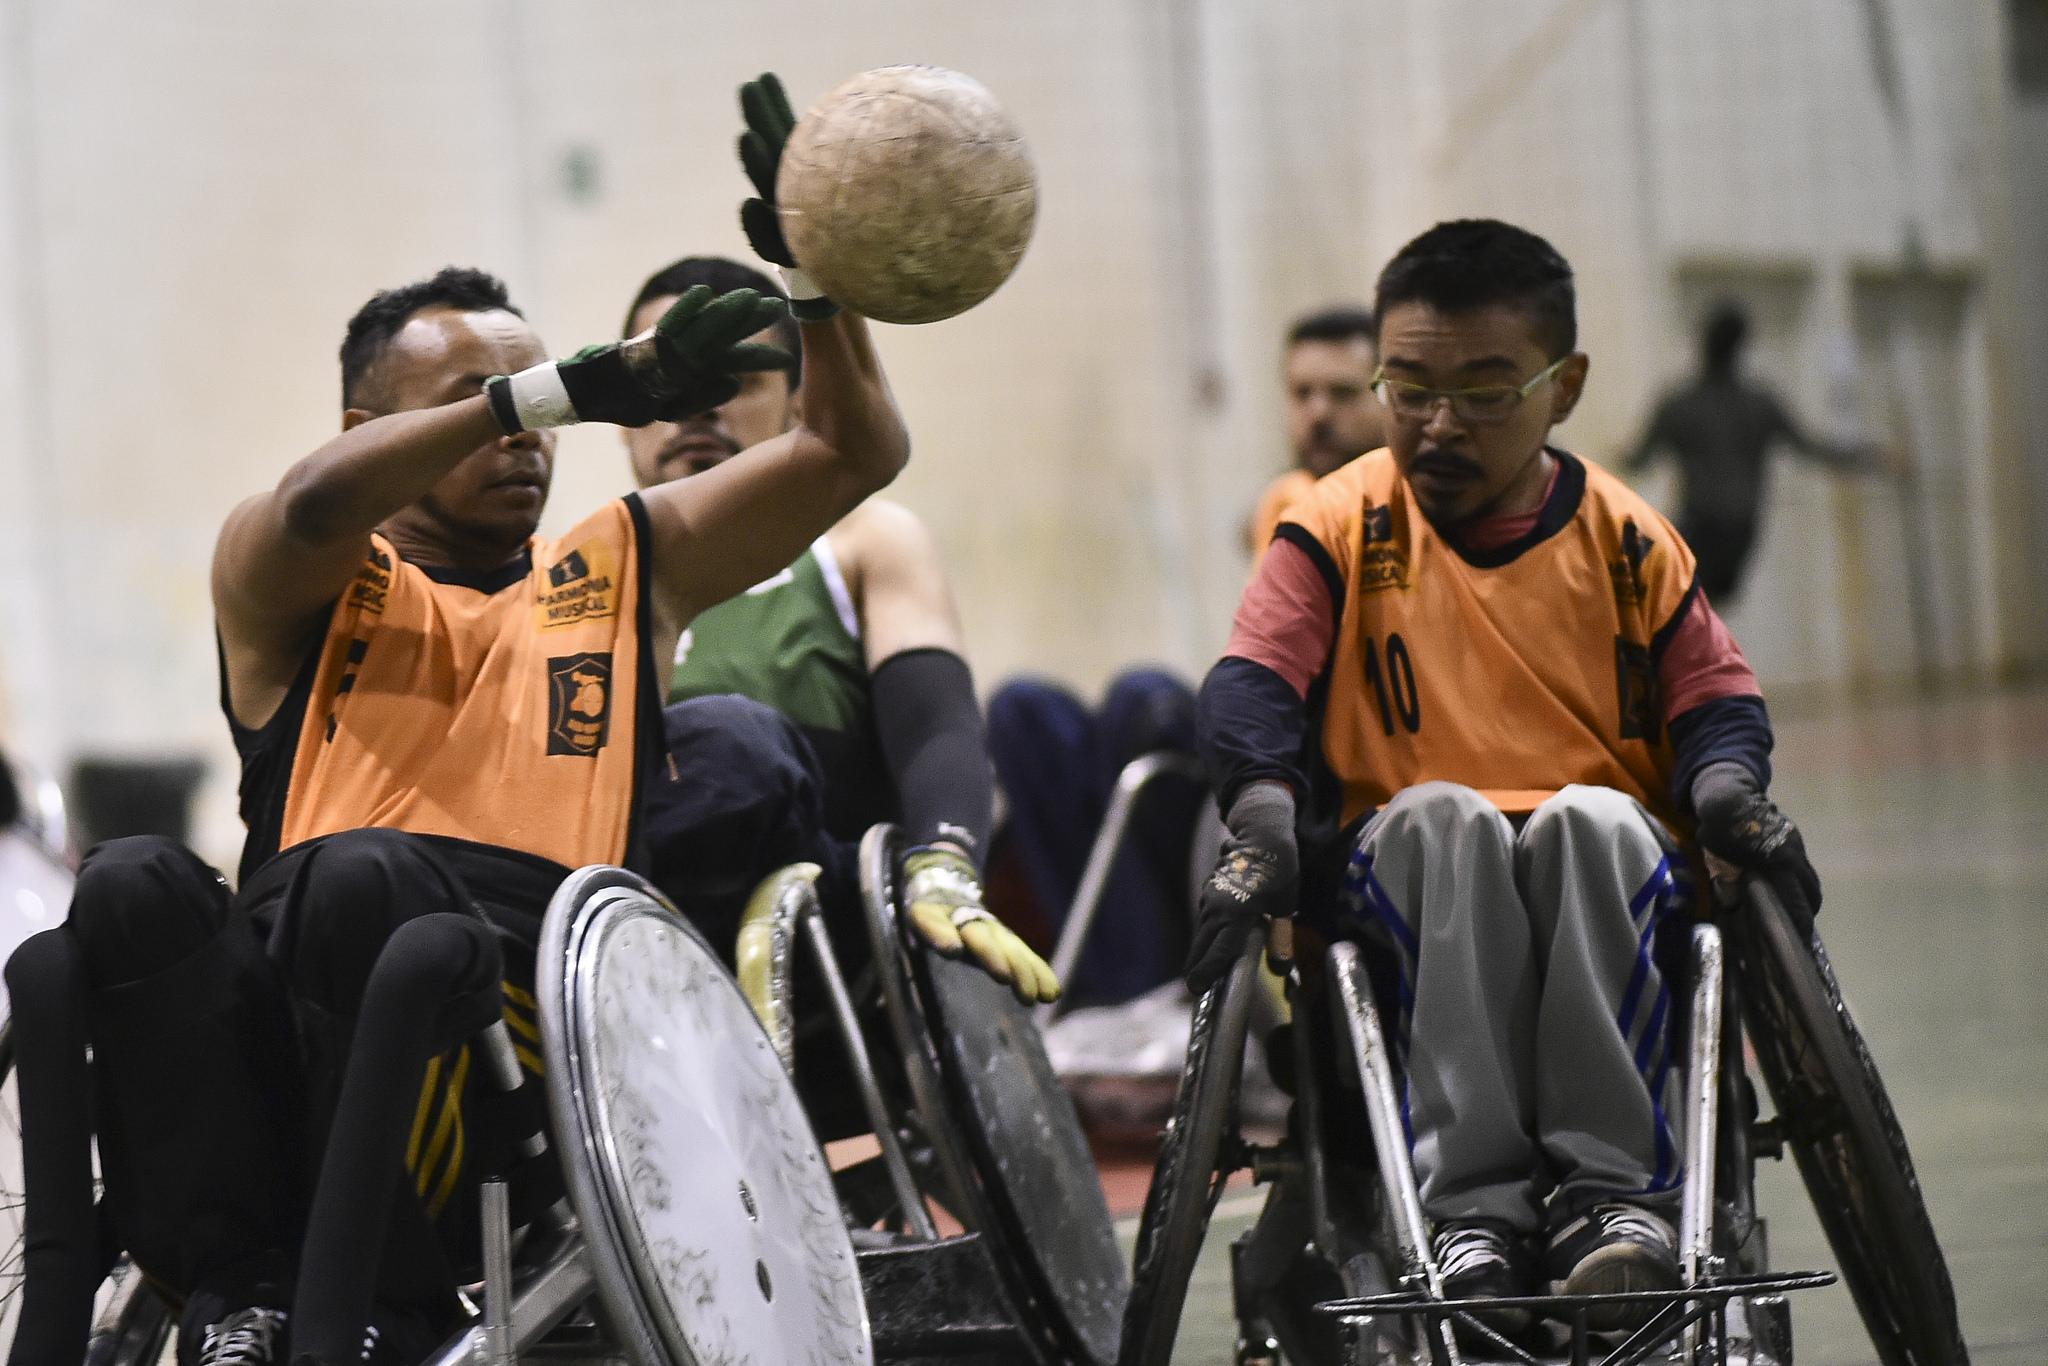 """Ampliado o programa Compete Brasília, que estimula a participação dos atletas e paratletas de alto rendimento em diversas competições nacionais e internacionais, custeando passagens aéreas e terrestres. <ul>     <li>413 atletas com deficiência atendidos em 2015</li>      <li>445 atletas com deficiência atendidos em 2016</li>      <li>543 atletas com deficiência atendidos em 2017</li>     <li>315 atletas com deficiência atendidos em 2018 (no período de janeiro a outubro)</li></ul> Informações sobre requisitos e documentos necessários: (<a href=""""http://www.esporte.df.gov.br/compete-brasilia-2/"""">Link aqui</a>)"""